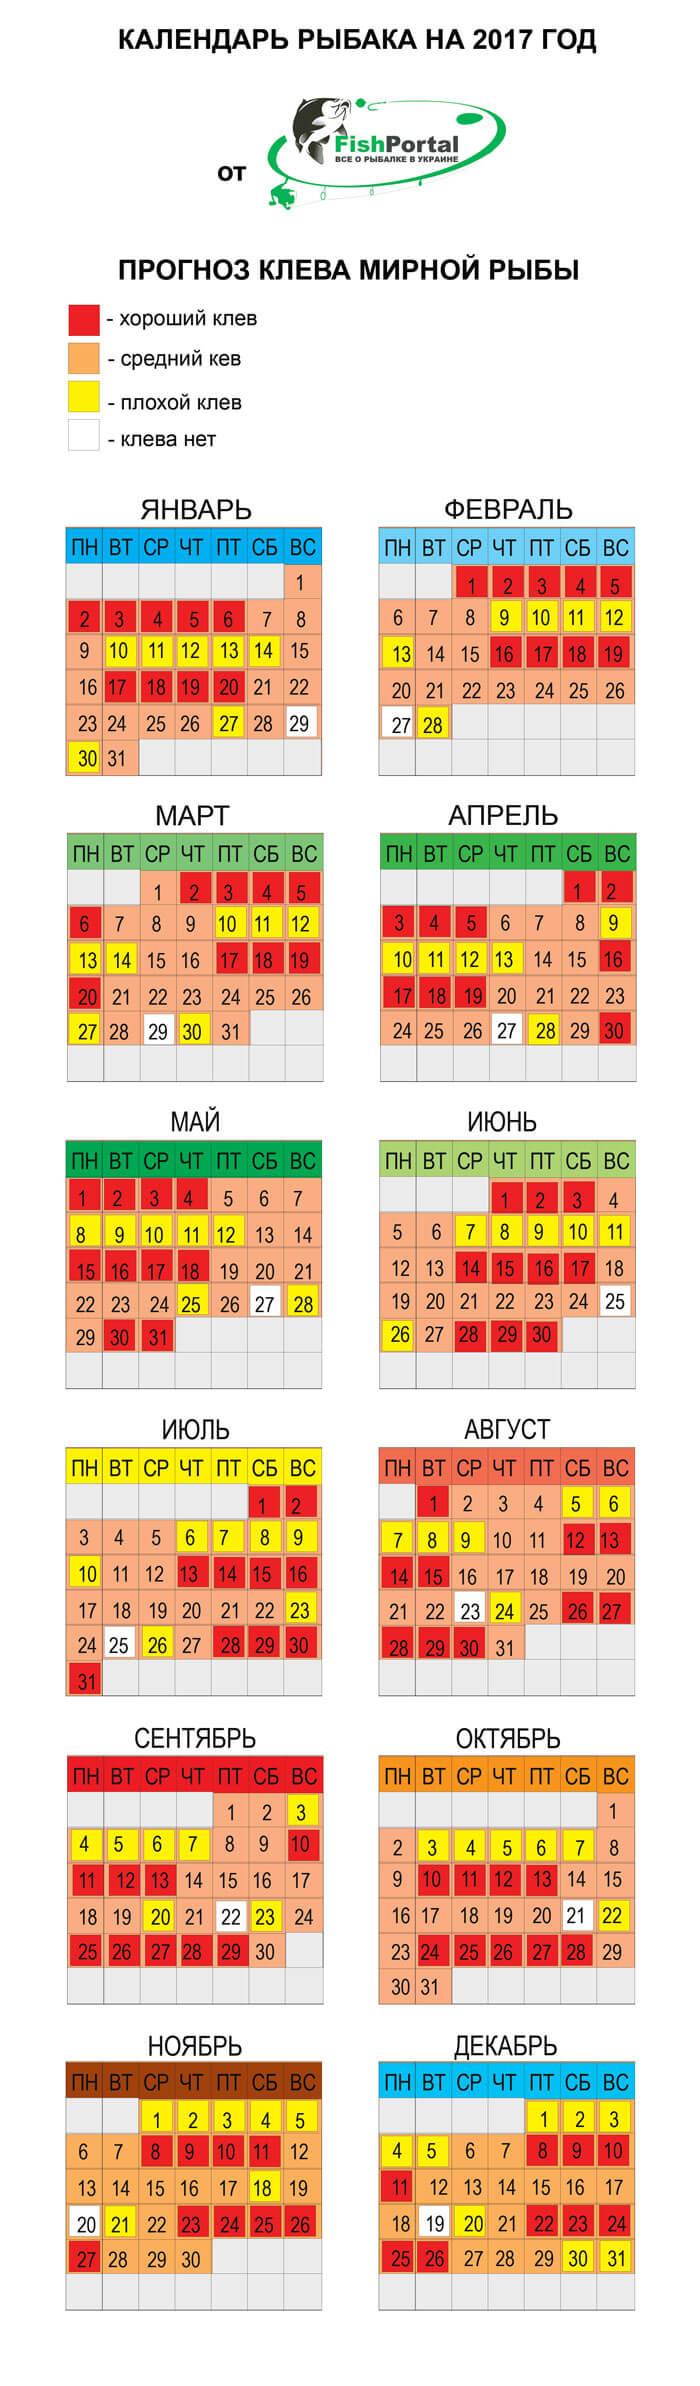 Календарь рыбака на 2017 год